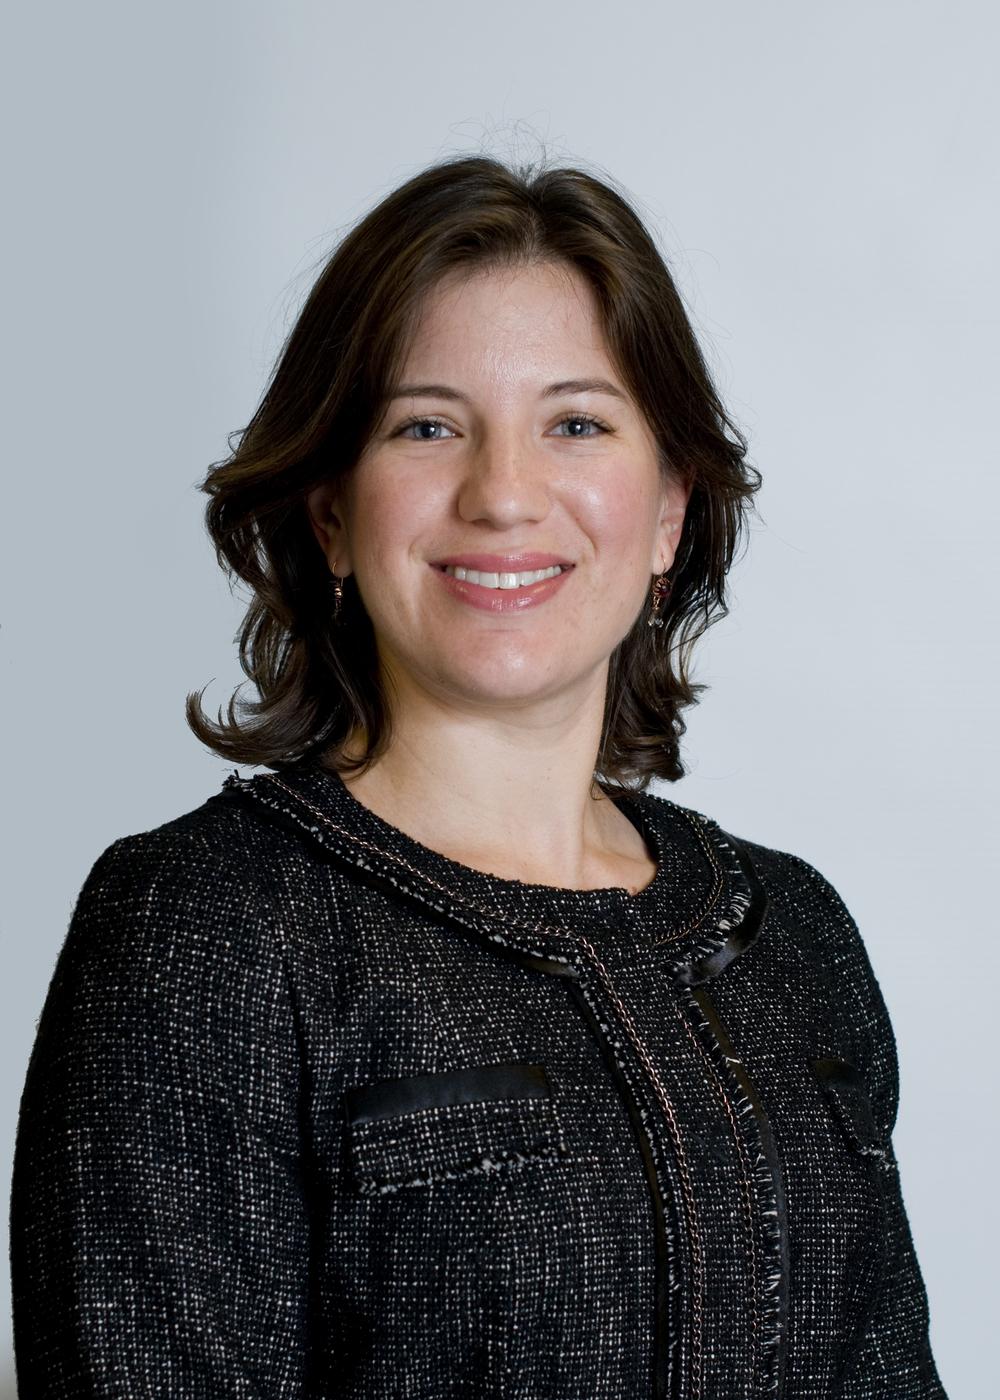 Julie Levison